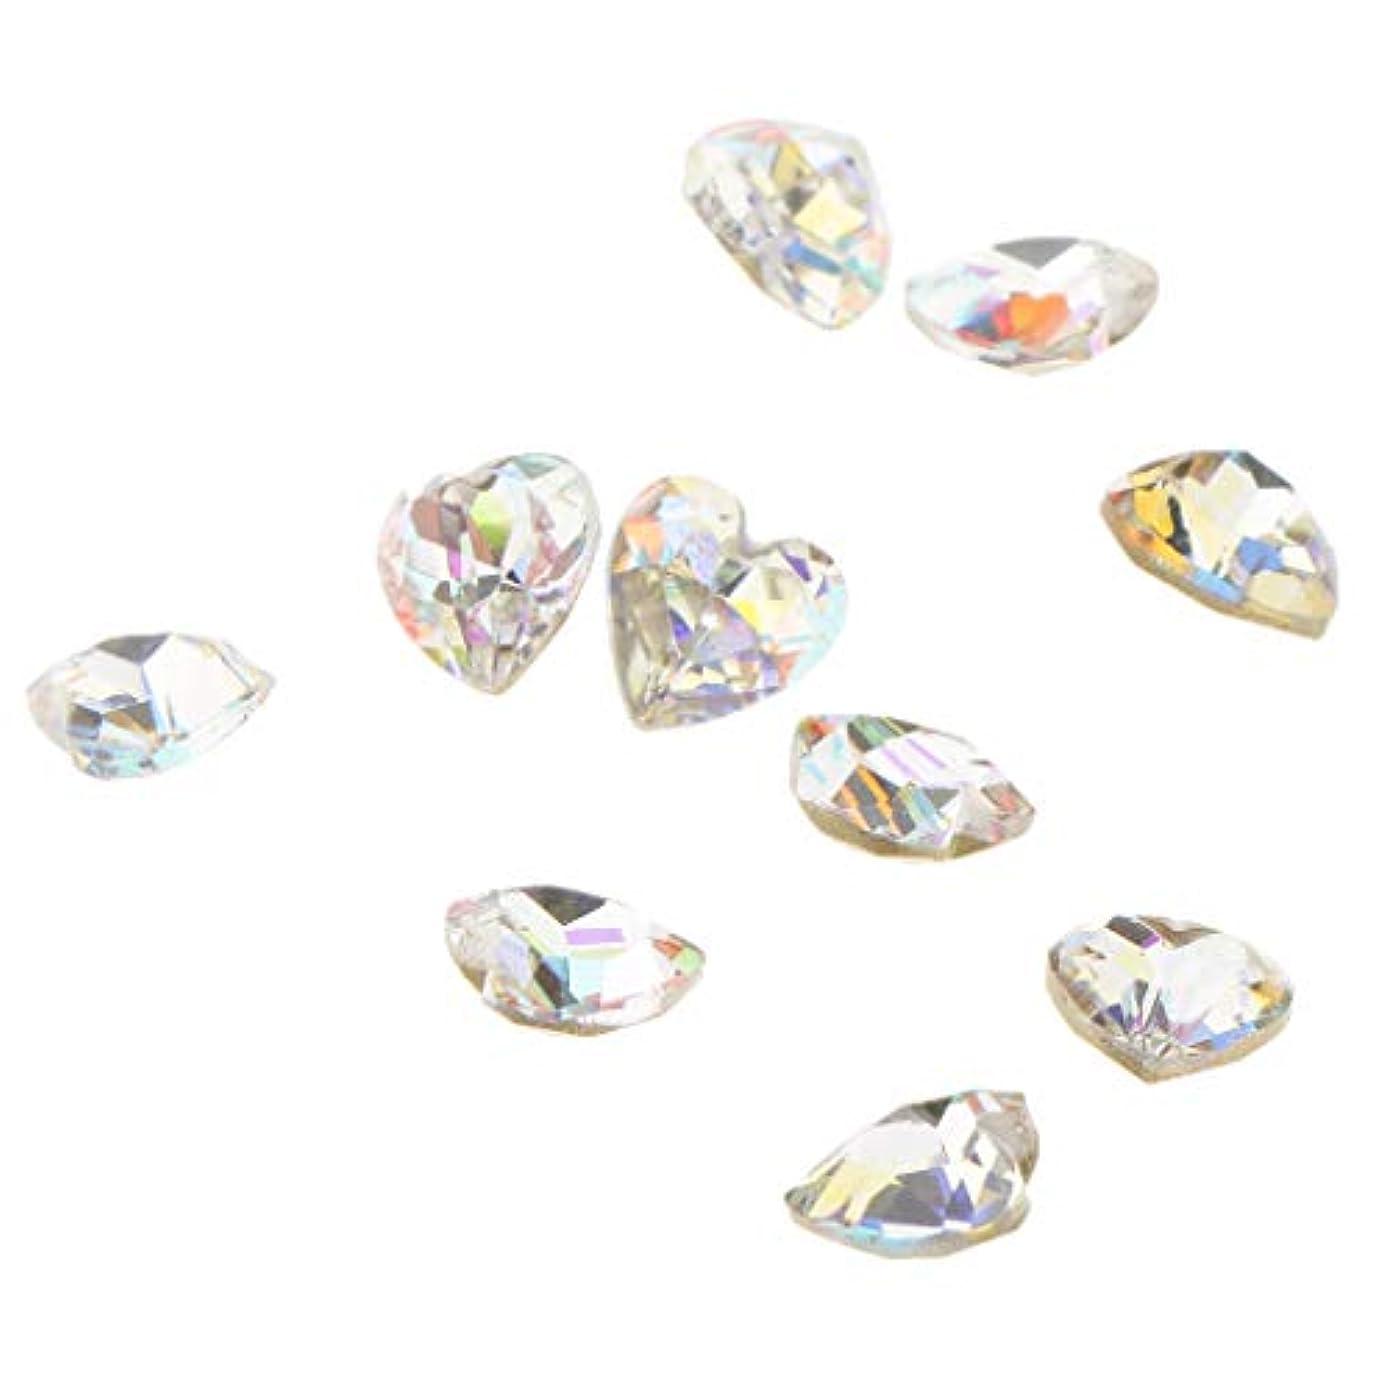 硬いメニュー遊具10個ネイルアート3Dブリンブリンガラスダイヤモンドのヒント装飾美容ネイルチャーム - ハート1